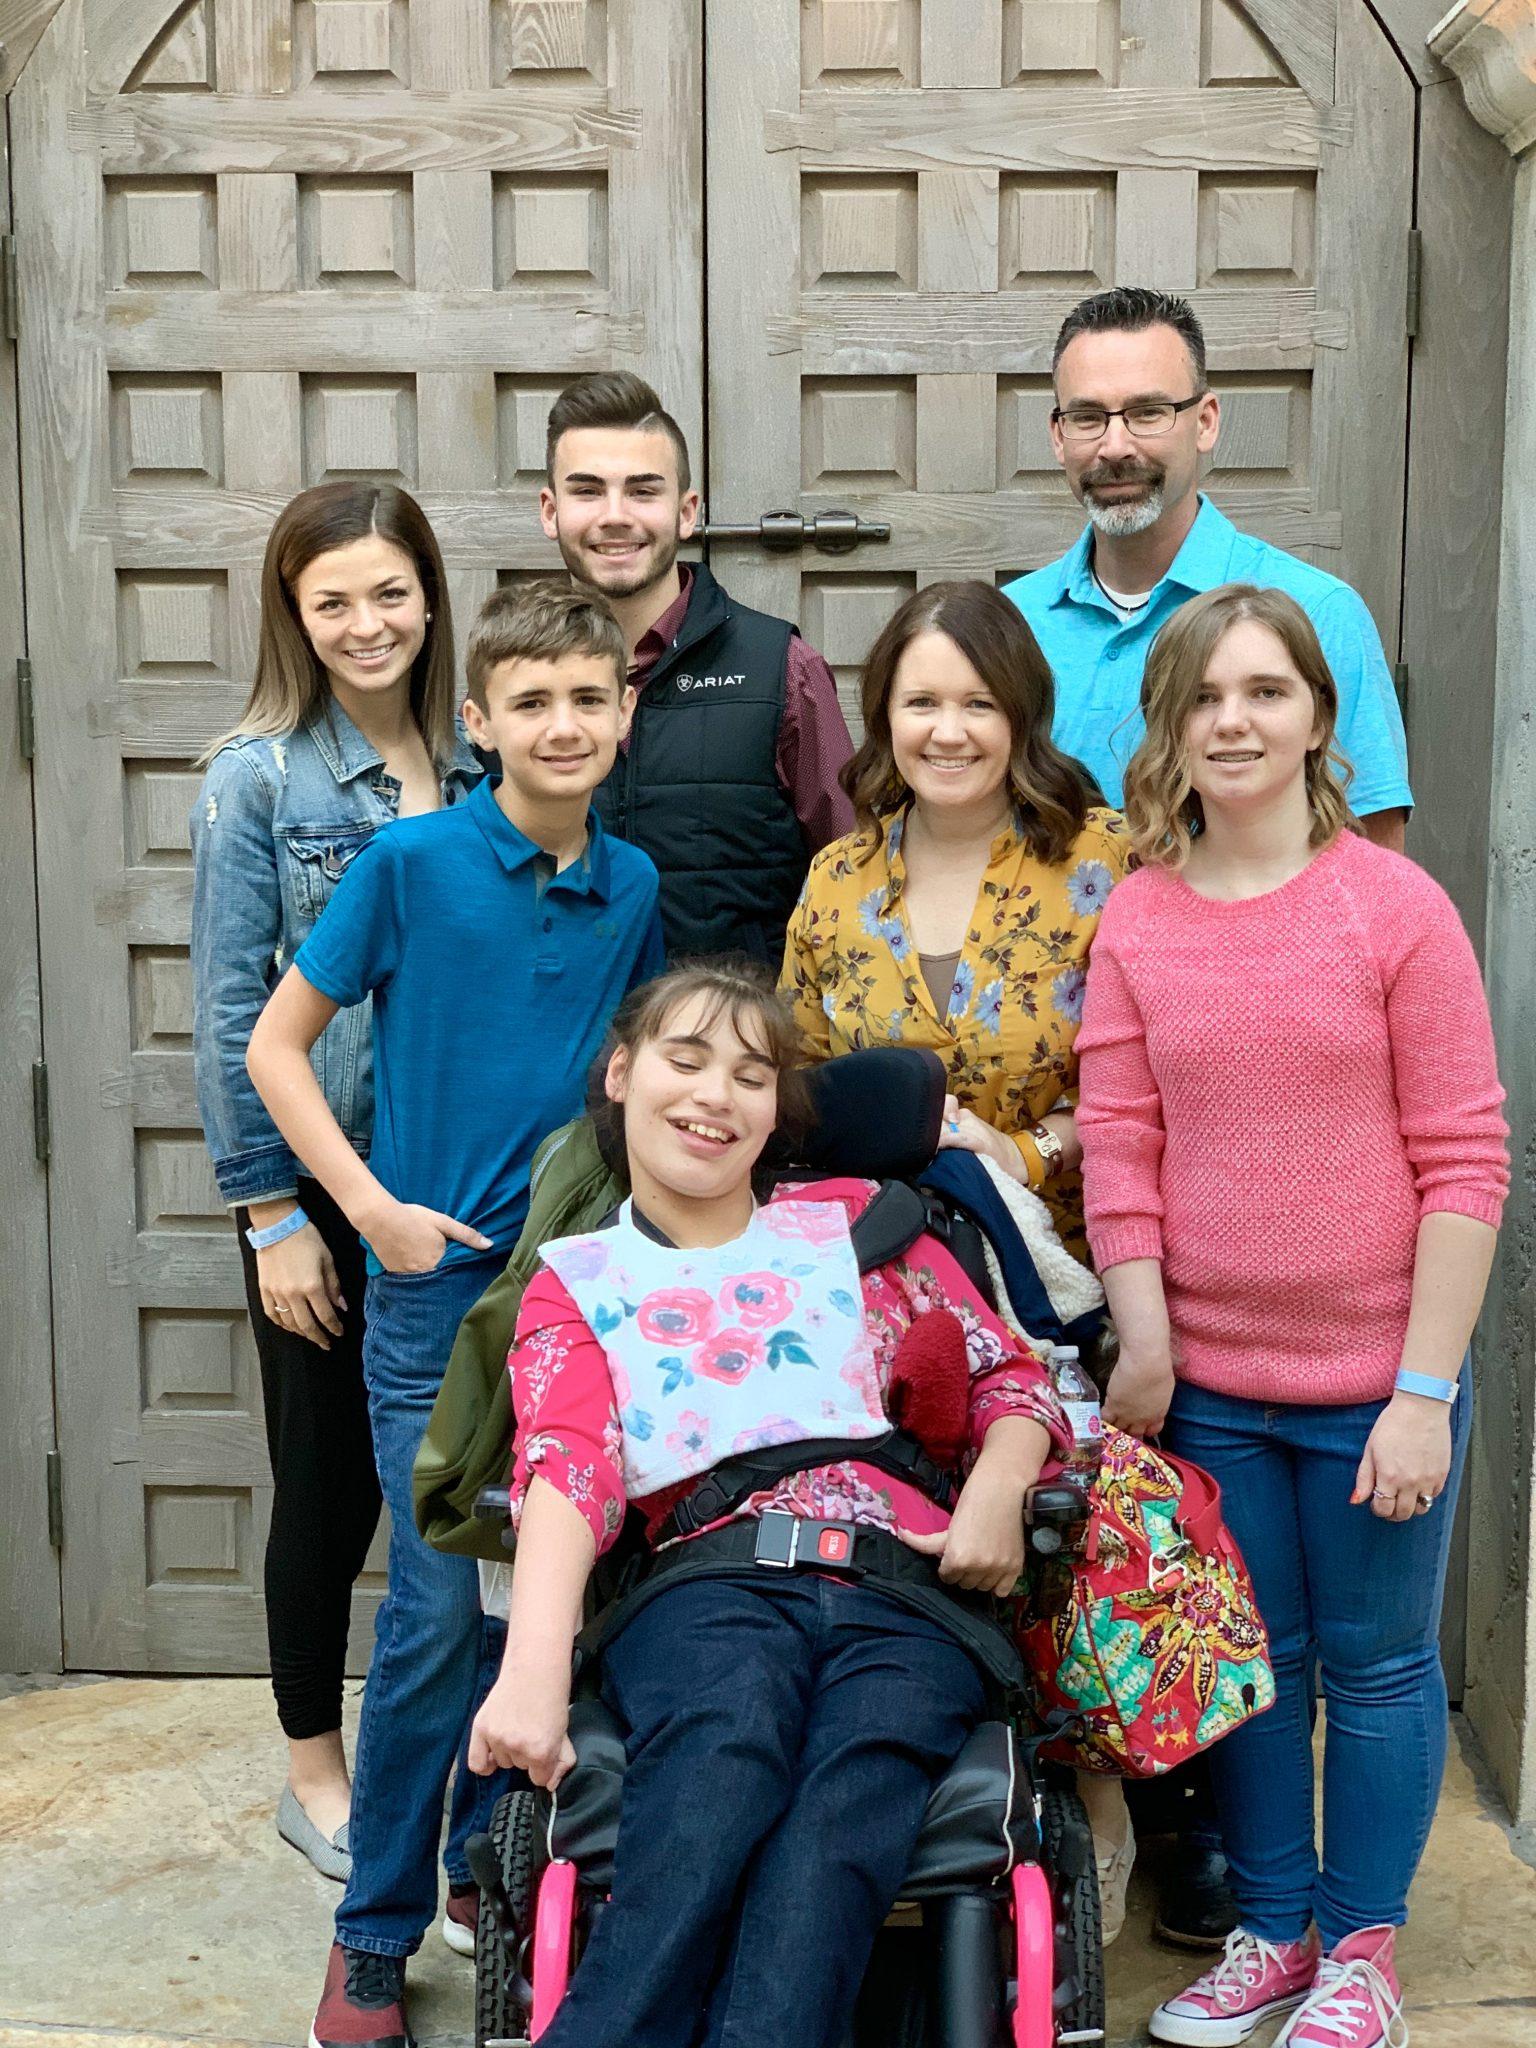 Perrin Johns family at Gaylord